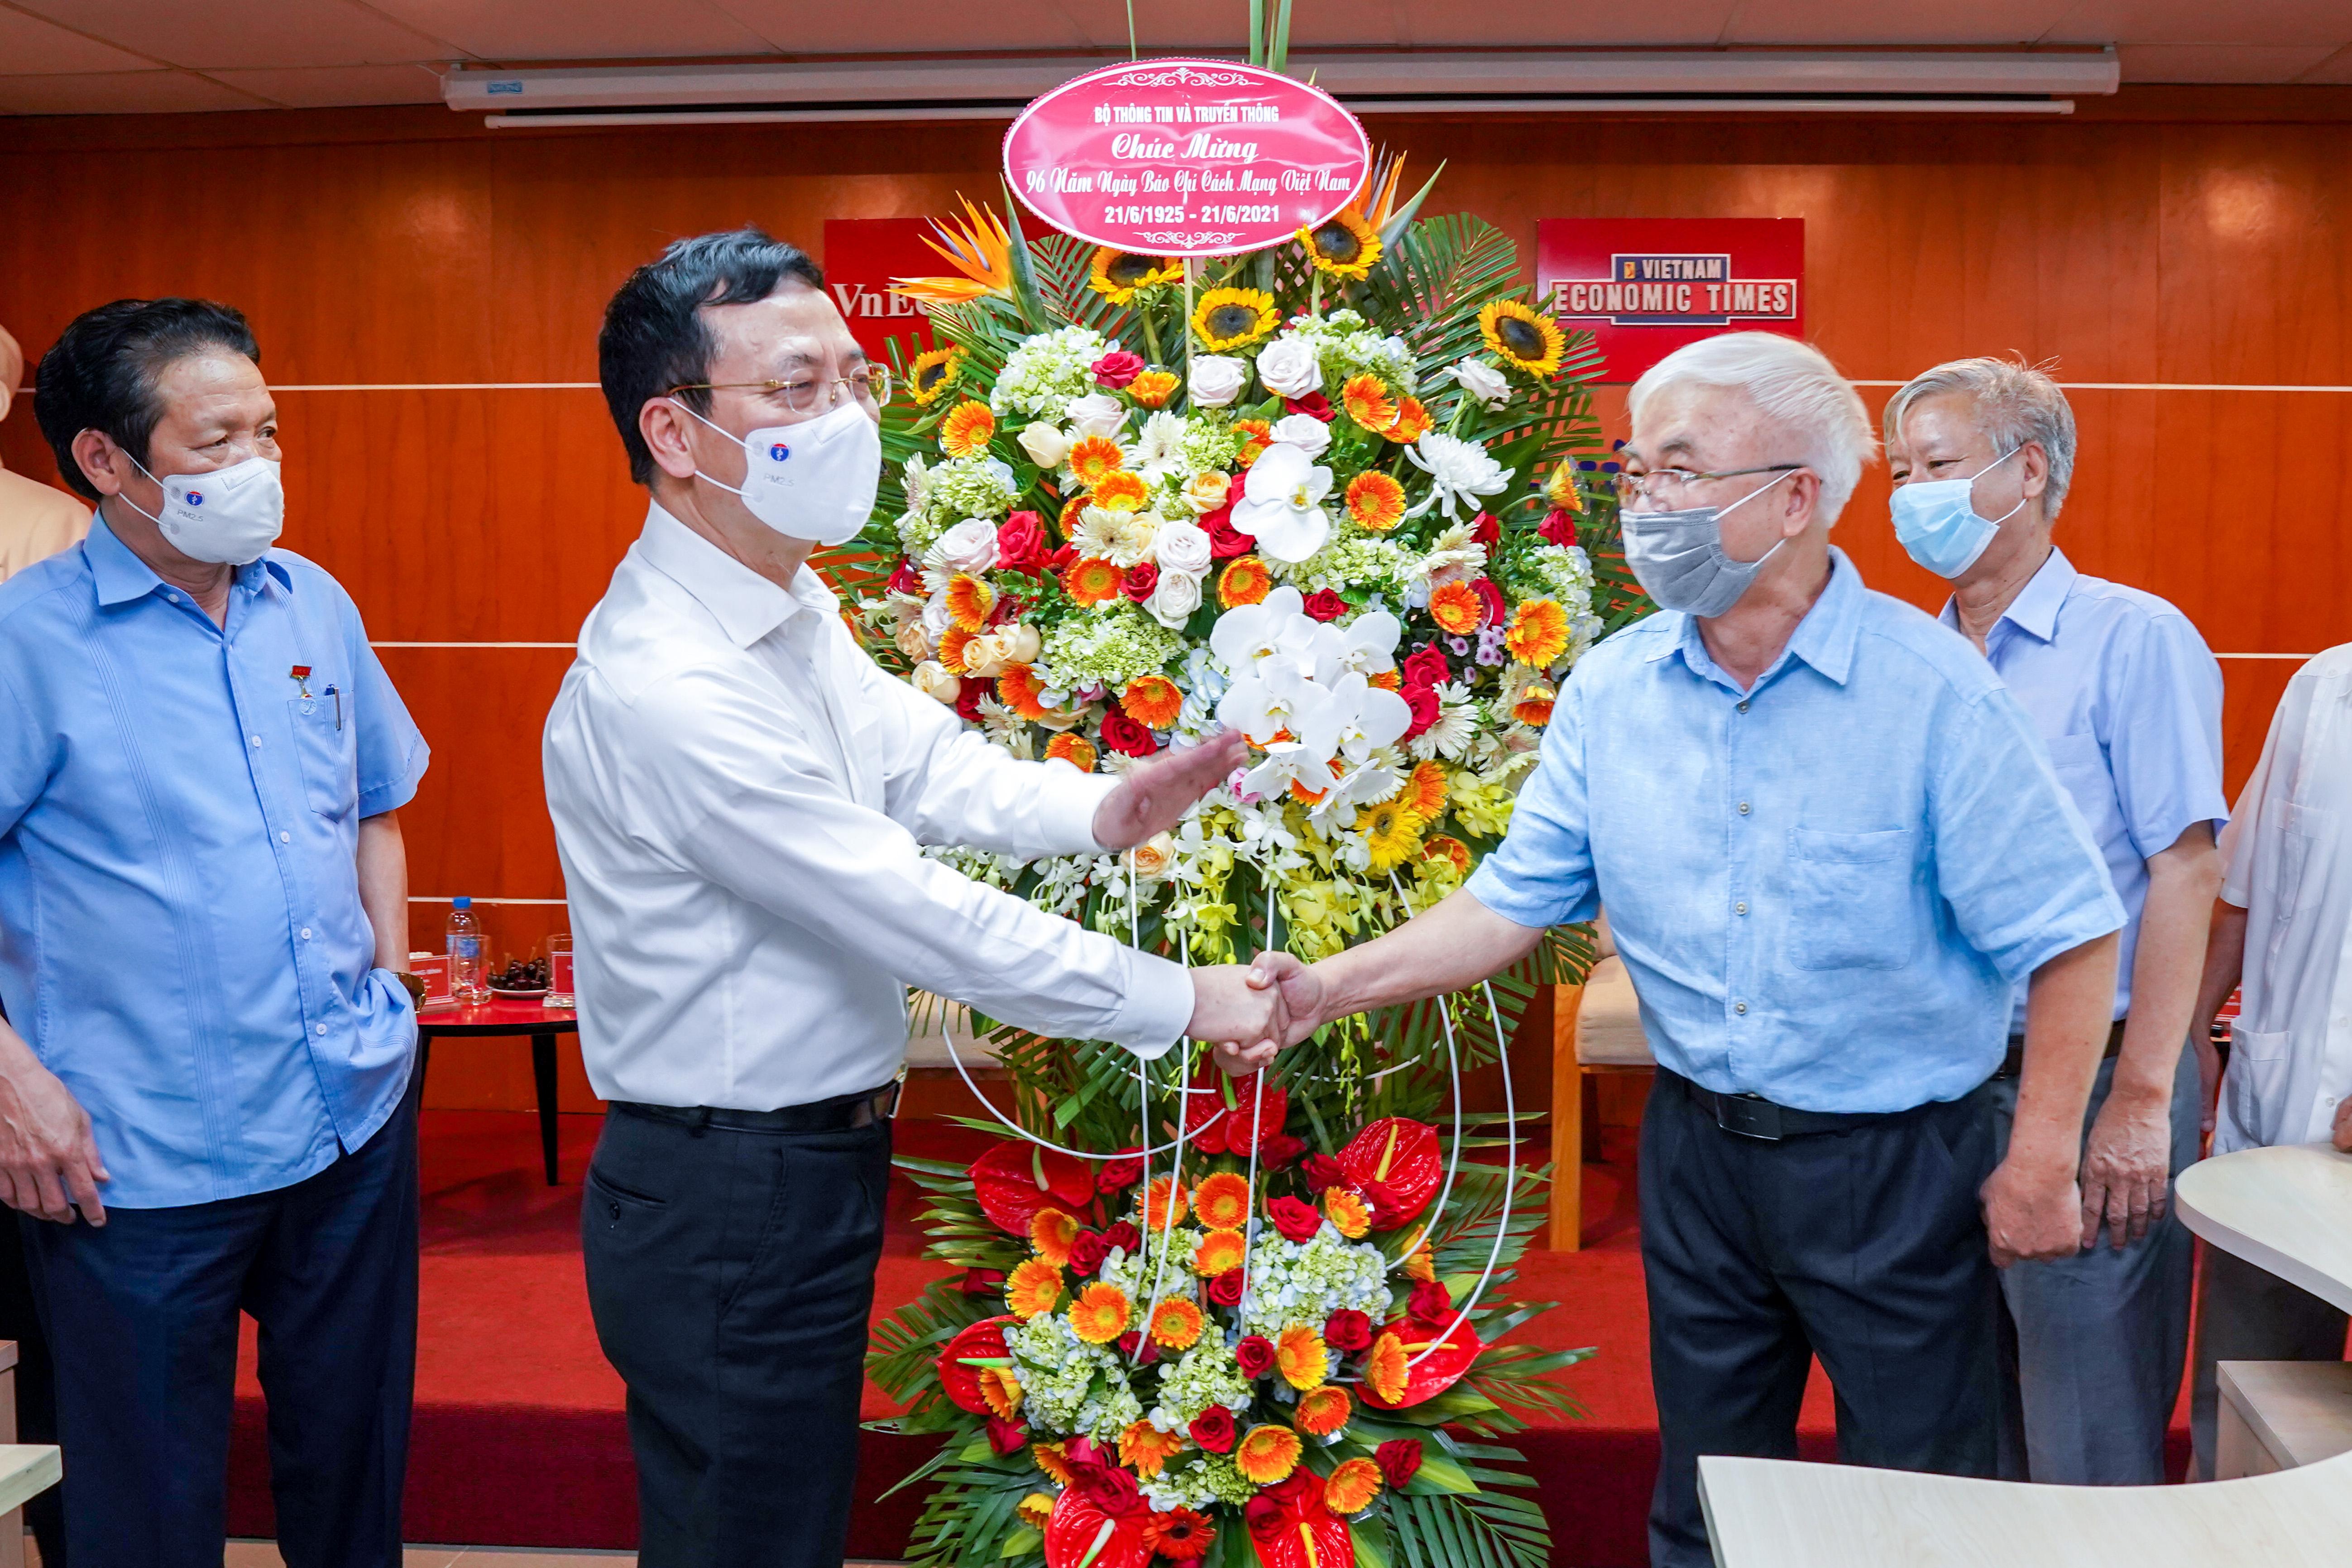 Bộ trưởng Nguyễn Mạnh Hùng tặng hoa chúc mừng Tạp chí Kinh tế Việt Nam nhân kỷ niệm 96 năm Ngày báo chí cách mạng Việt Nam.